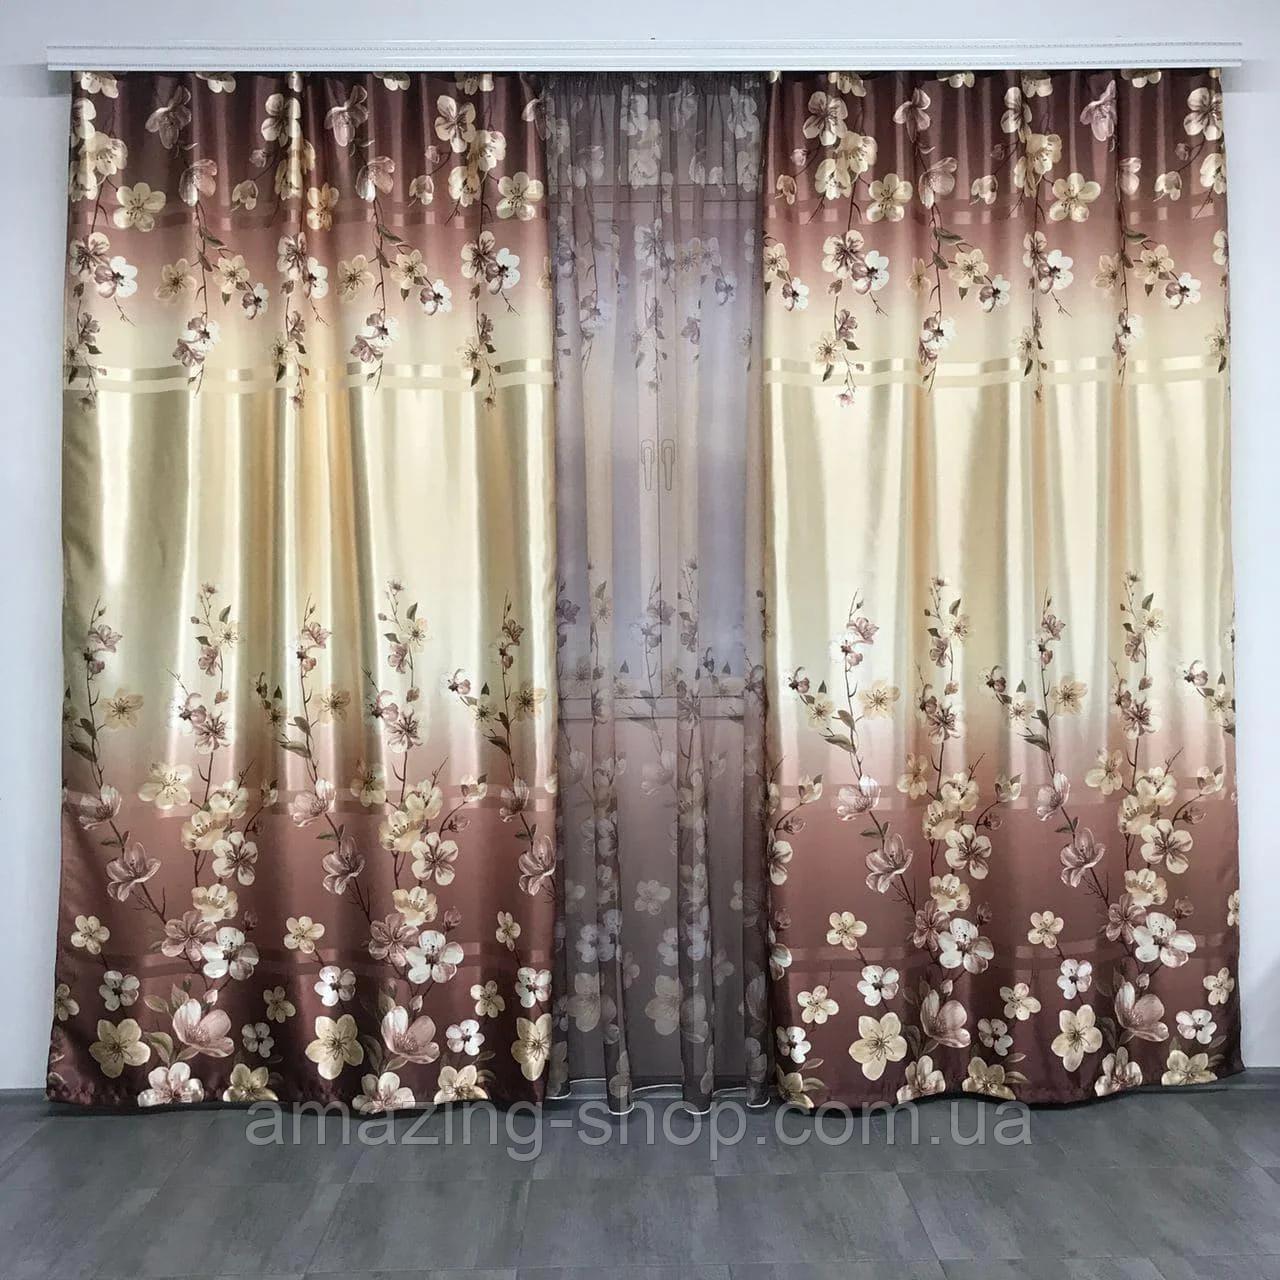 Готовий набір на вікно, штори і тюль Комплект атласний штор з тюлем батист Штори і тюль в квіти